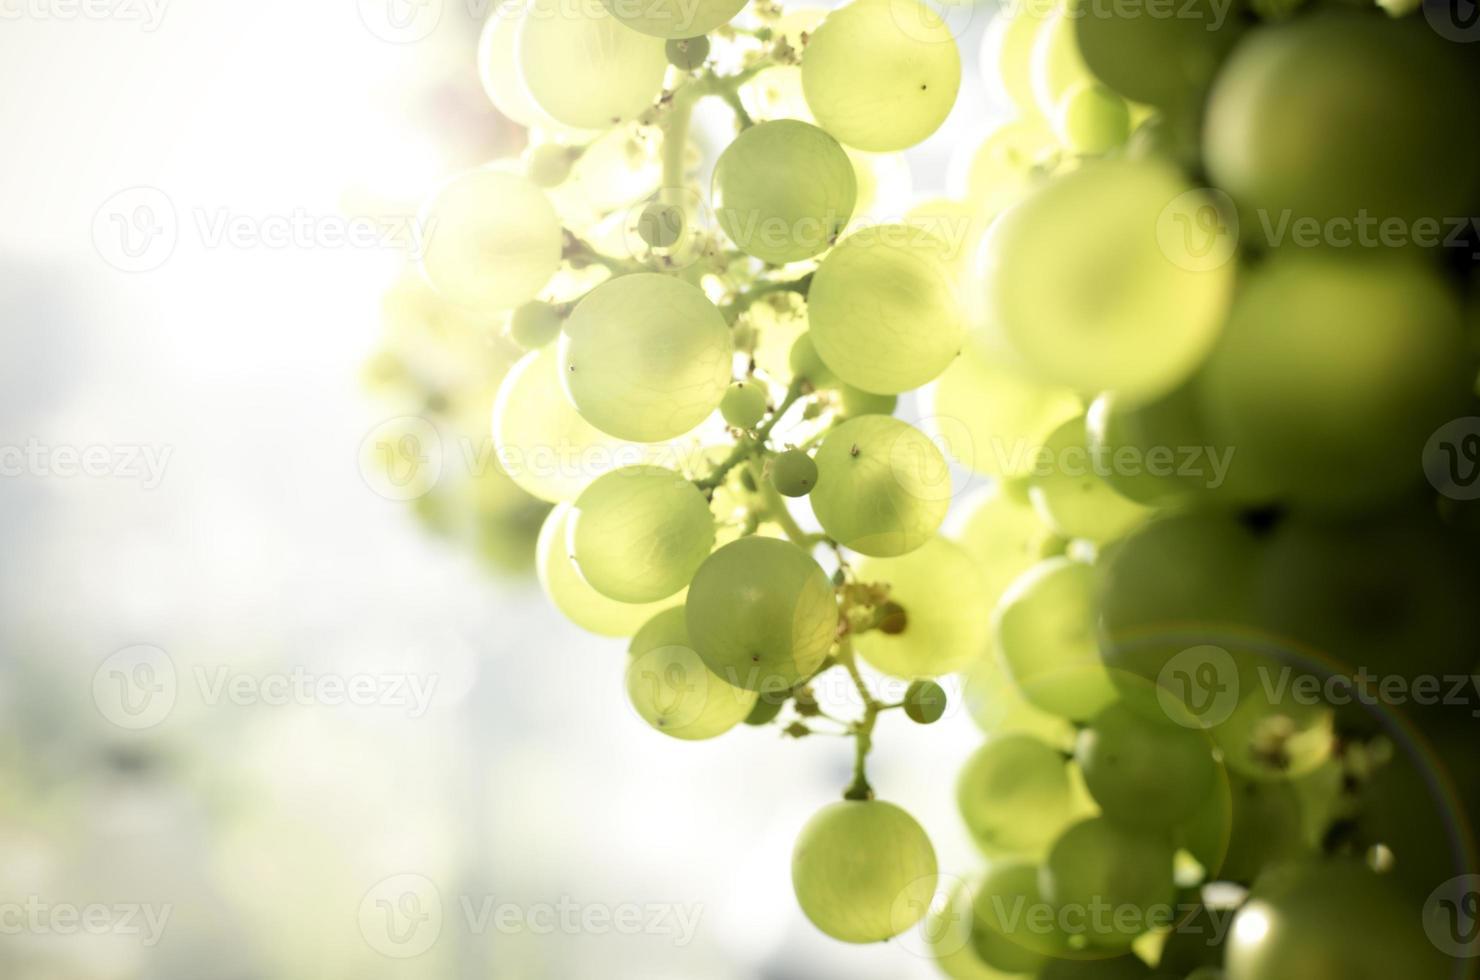 groene druiven op zonlicht achtergrond foto